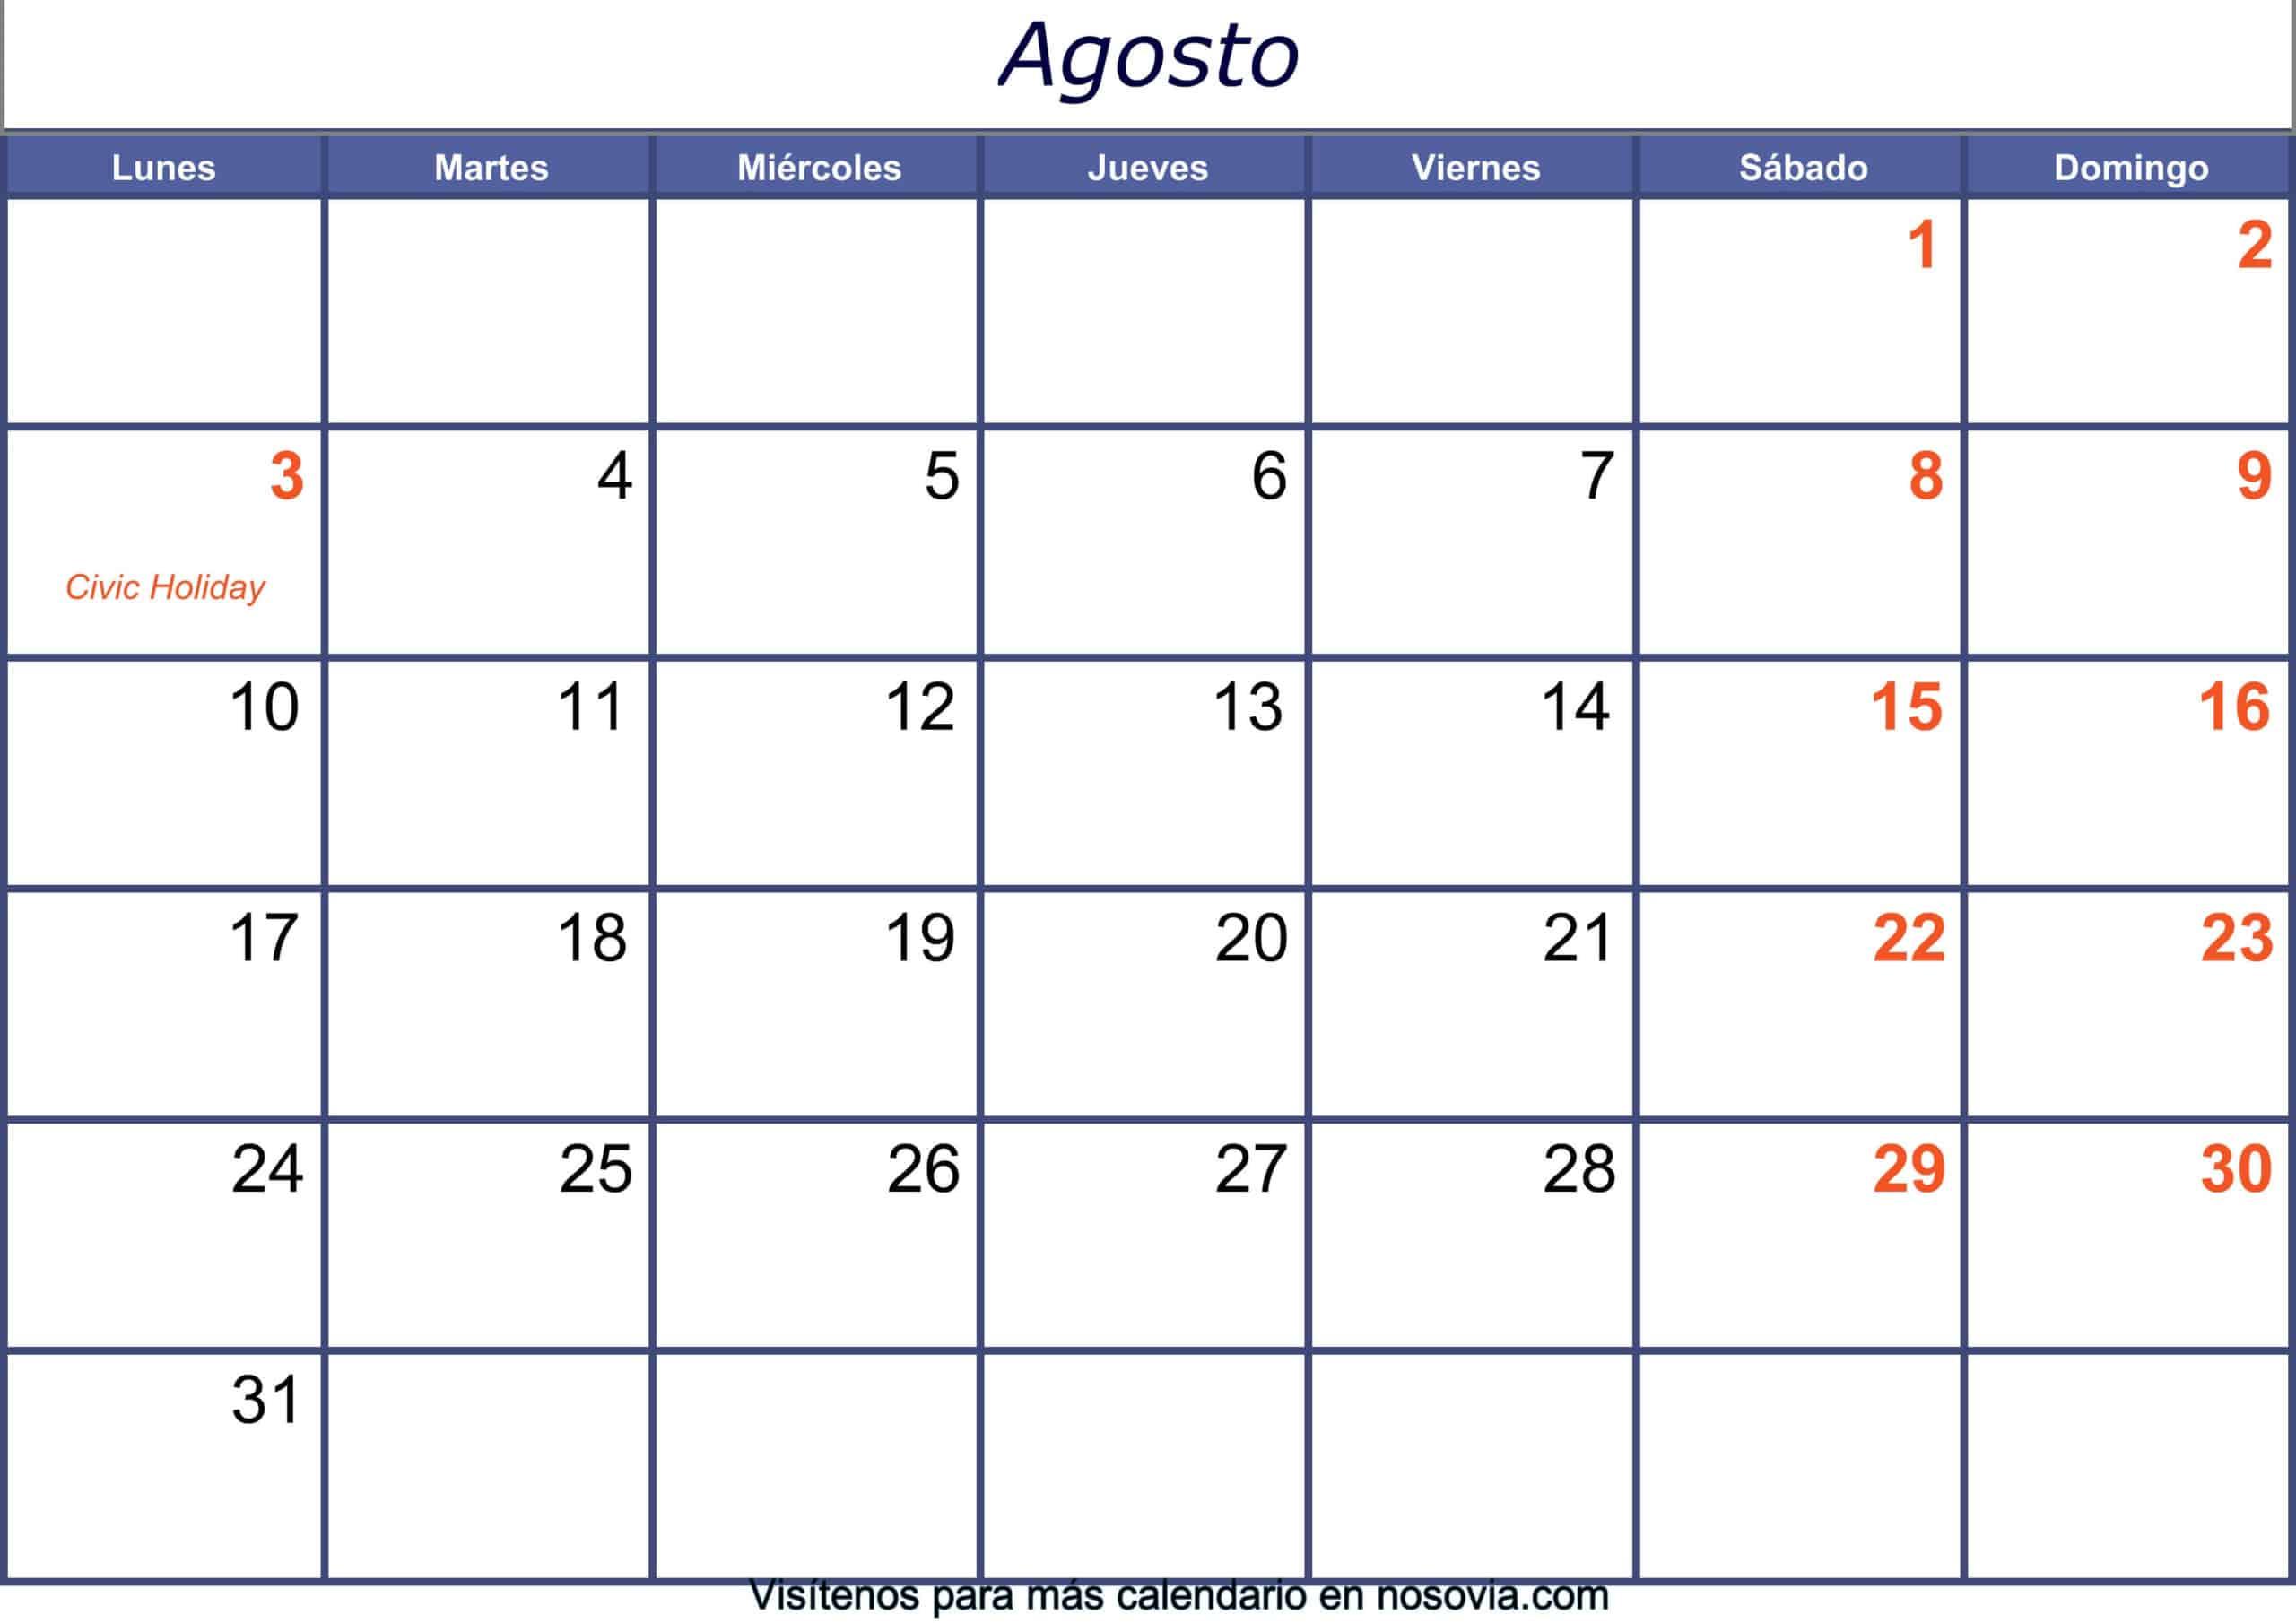 Calendario-agosto-2020-con-festivos-para-imprimir